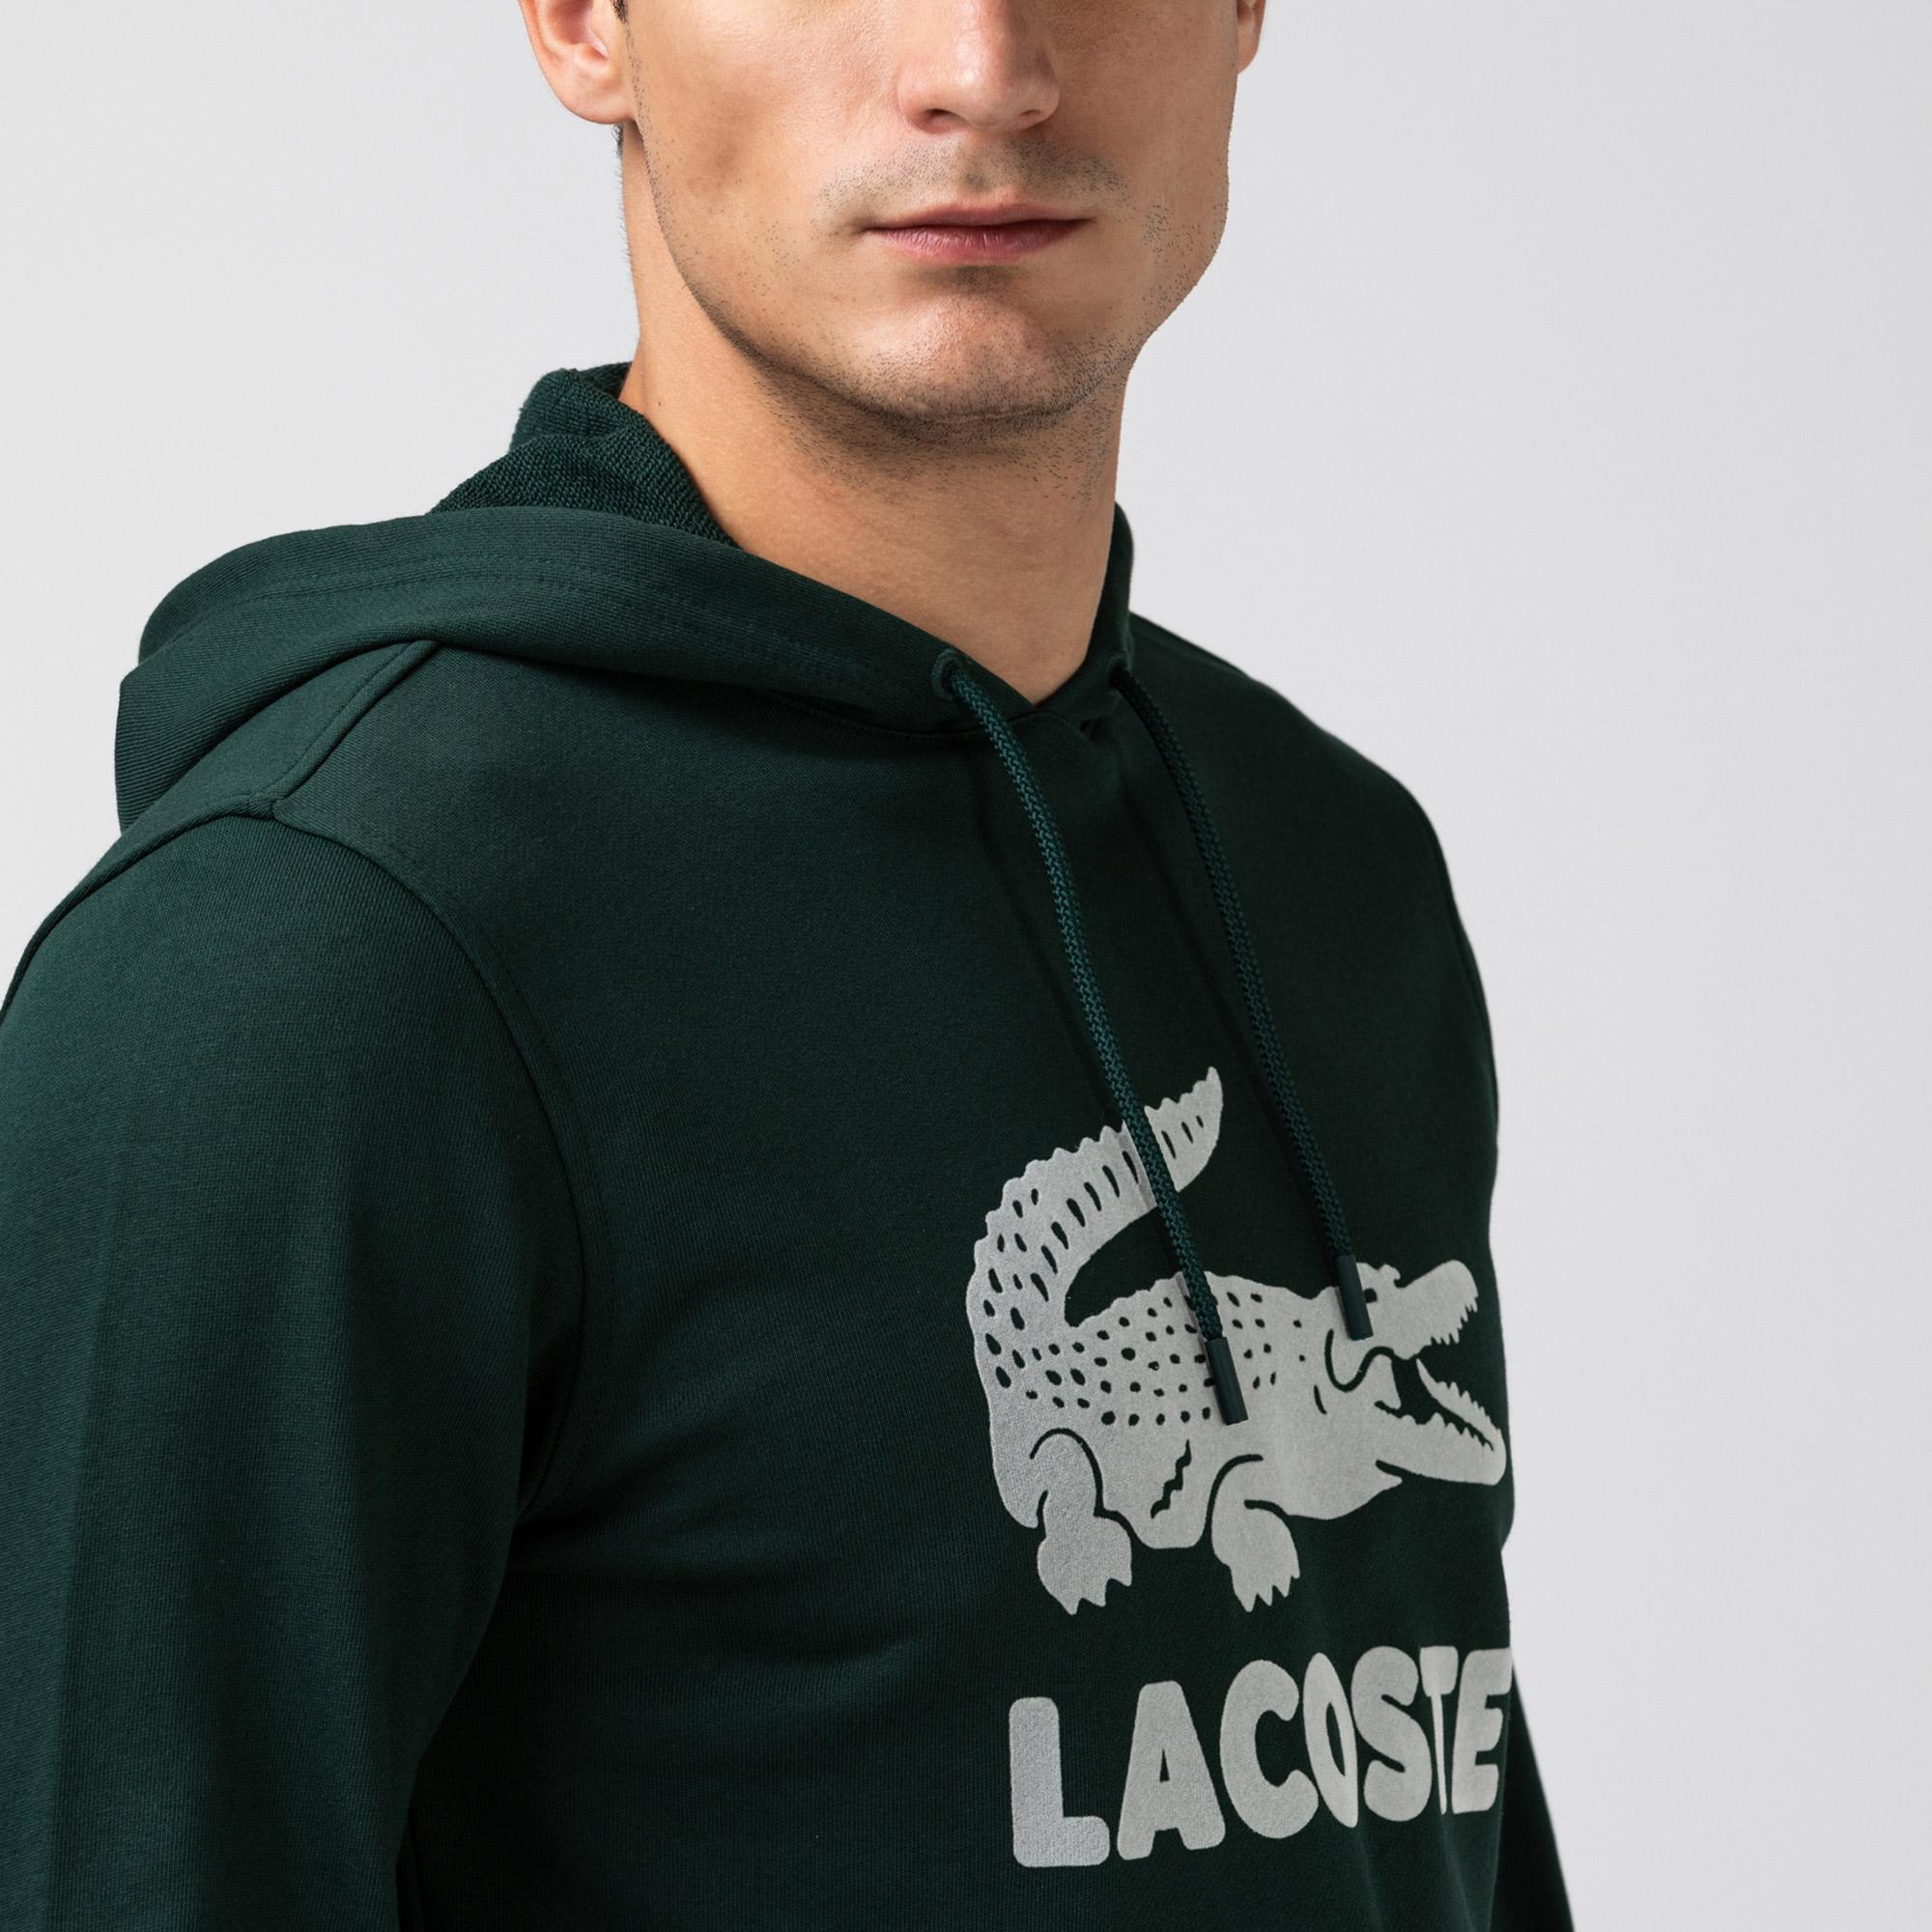 Lacoste Erkek Timsah Baskılı Kapüşonlu Haki Sweatshirt